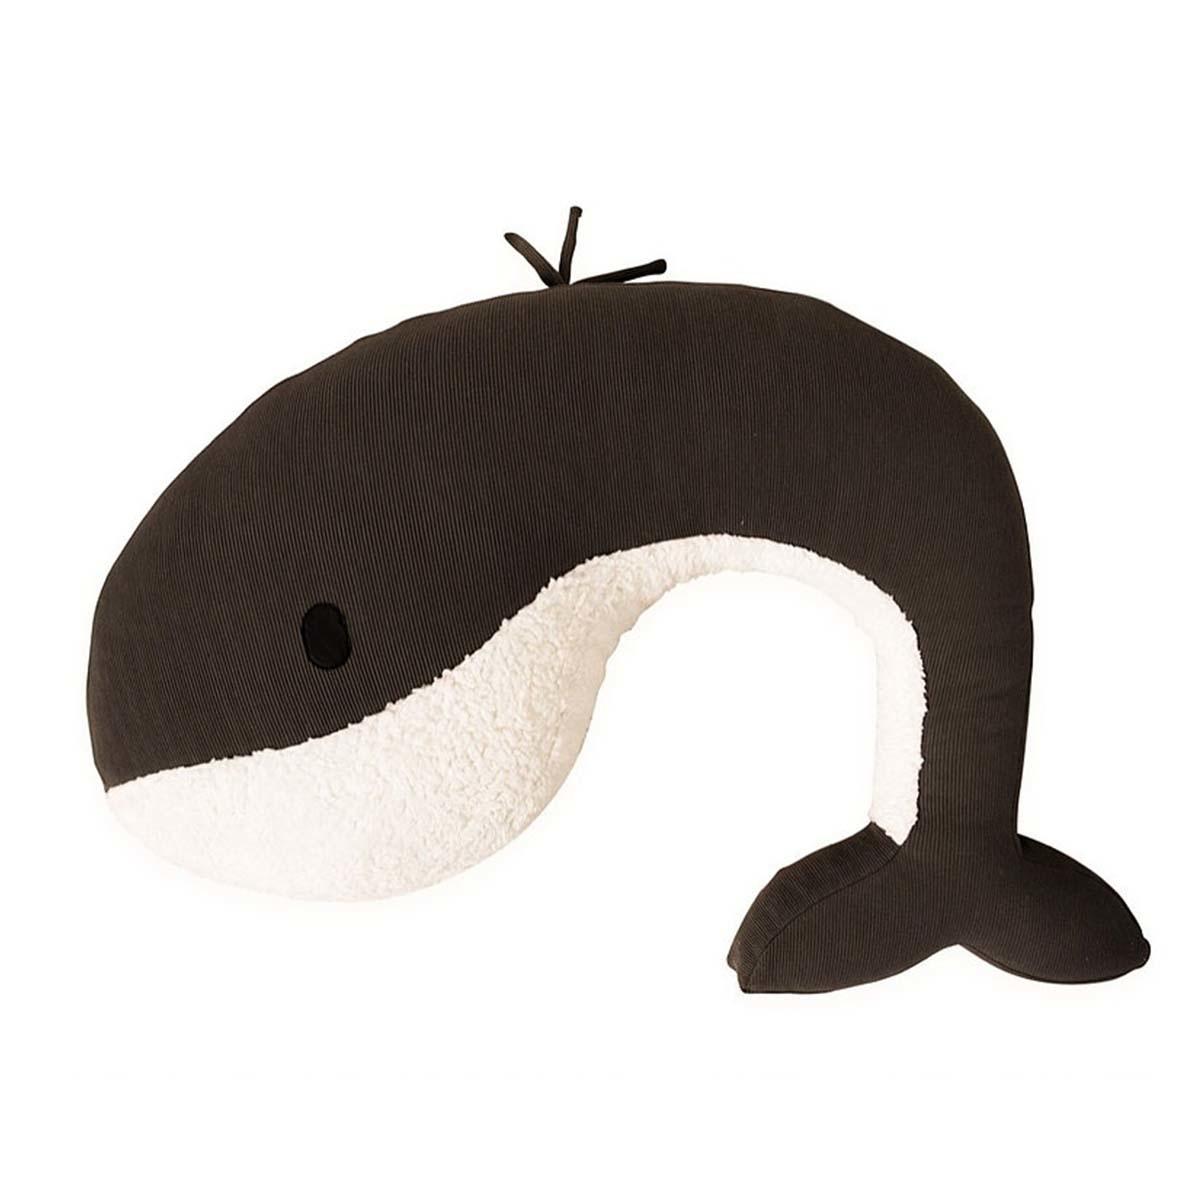 Feeding pillow whale momo army green-1